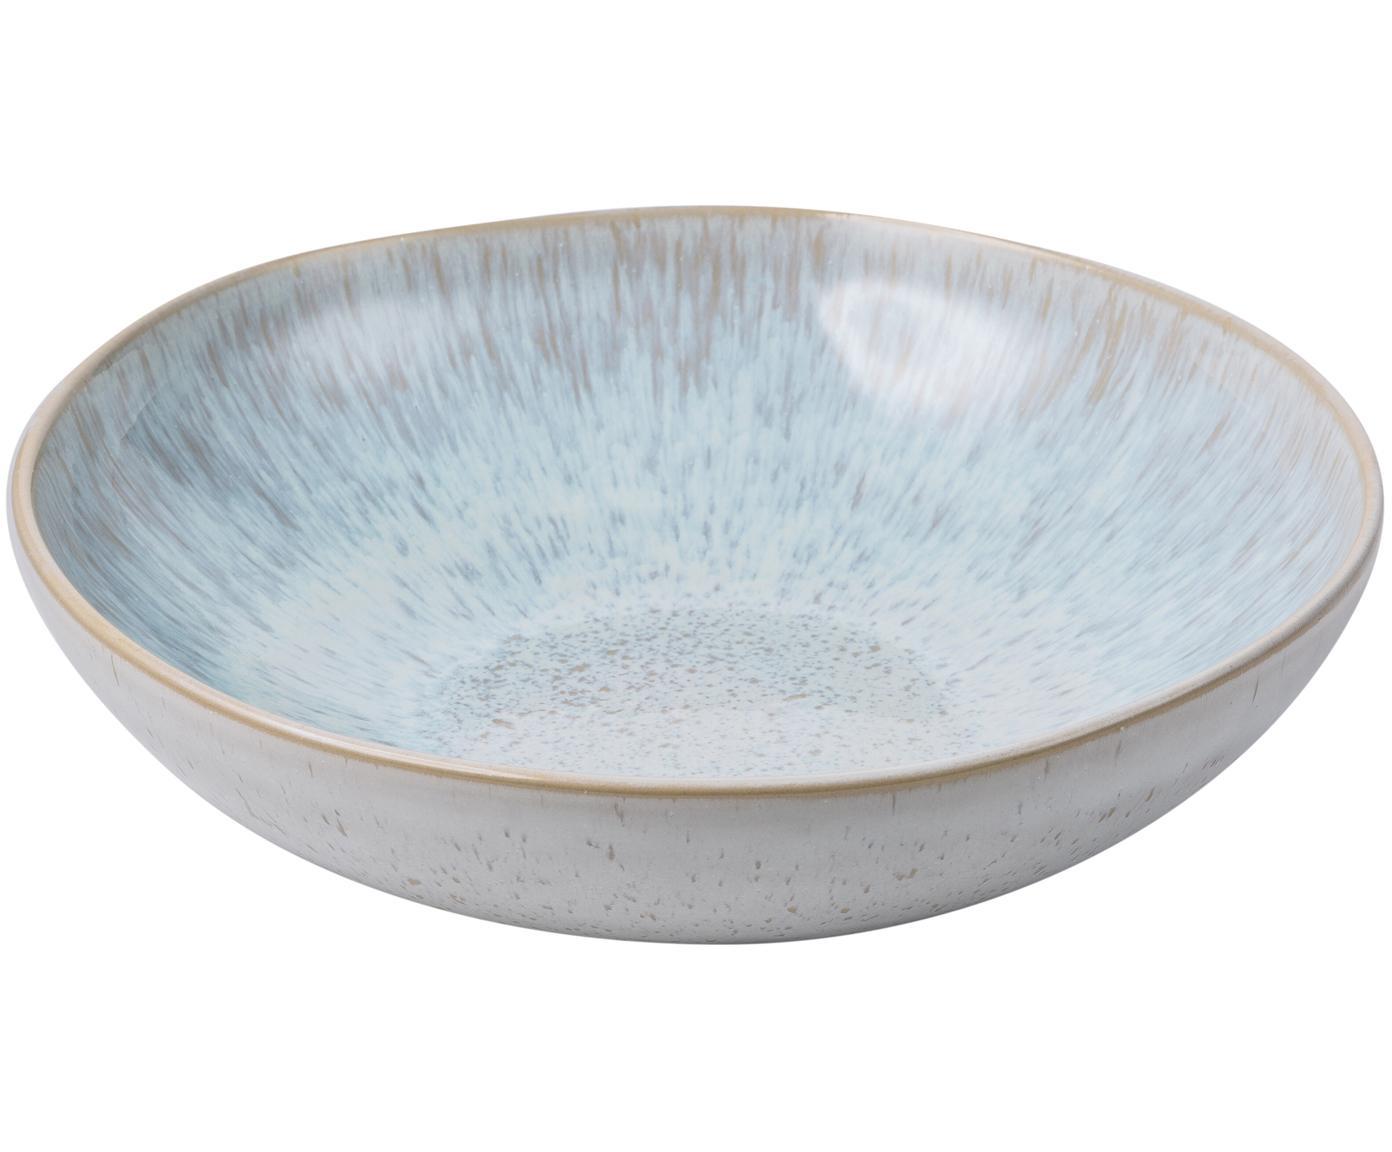 Handbemalte Schale Areia mit reaktiver Glasur, Steingut, Hellblau, Gebrochenes Weiß, Hellbeige, Ø 22 x H 5 cm